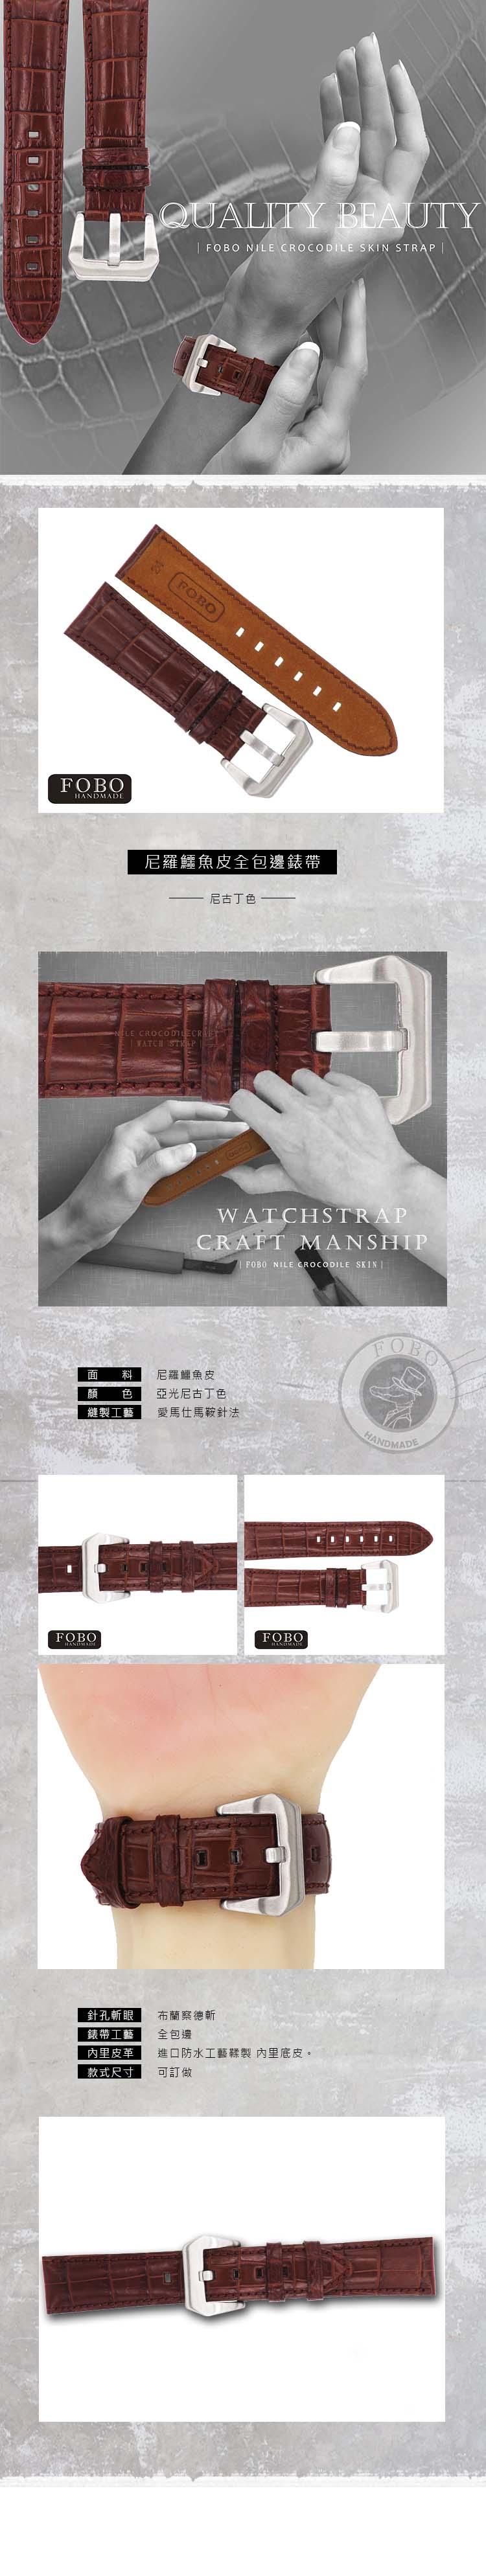 腕表帶 手錶帶 鱷魚皮錶帶 尼羅鱷魚皮 crocodile watch strap (6)